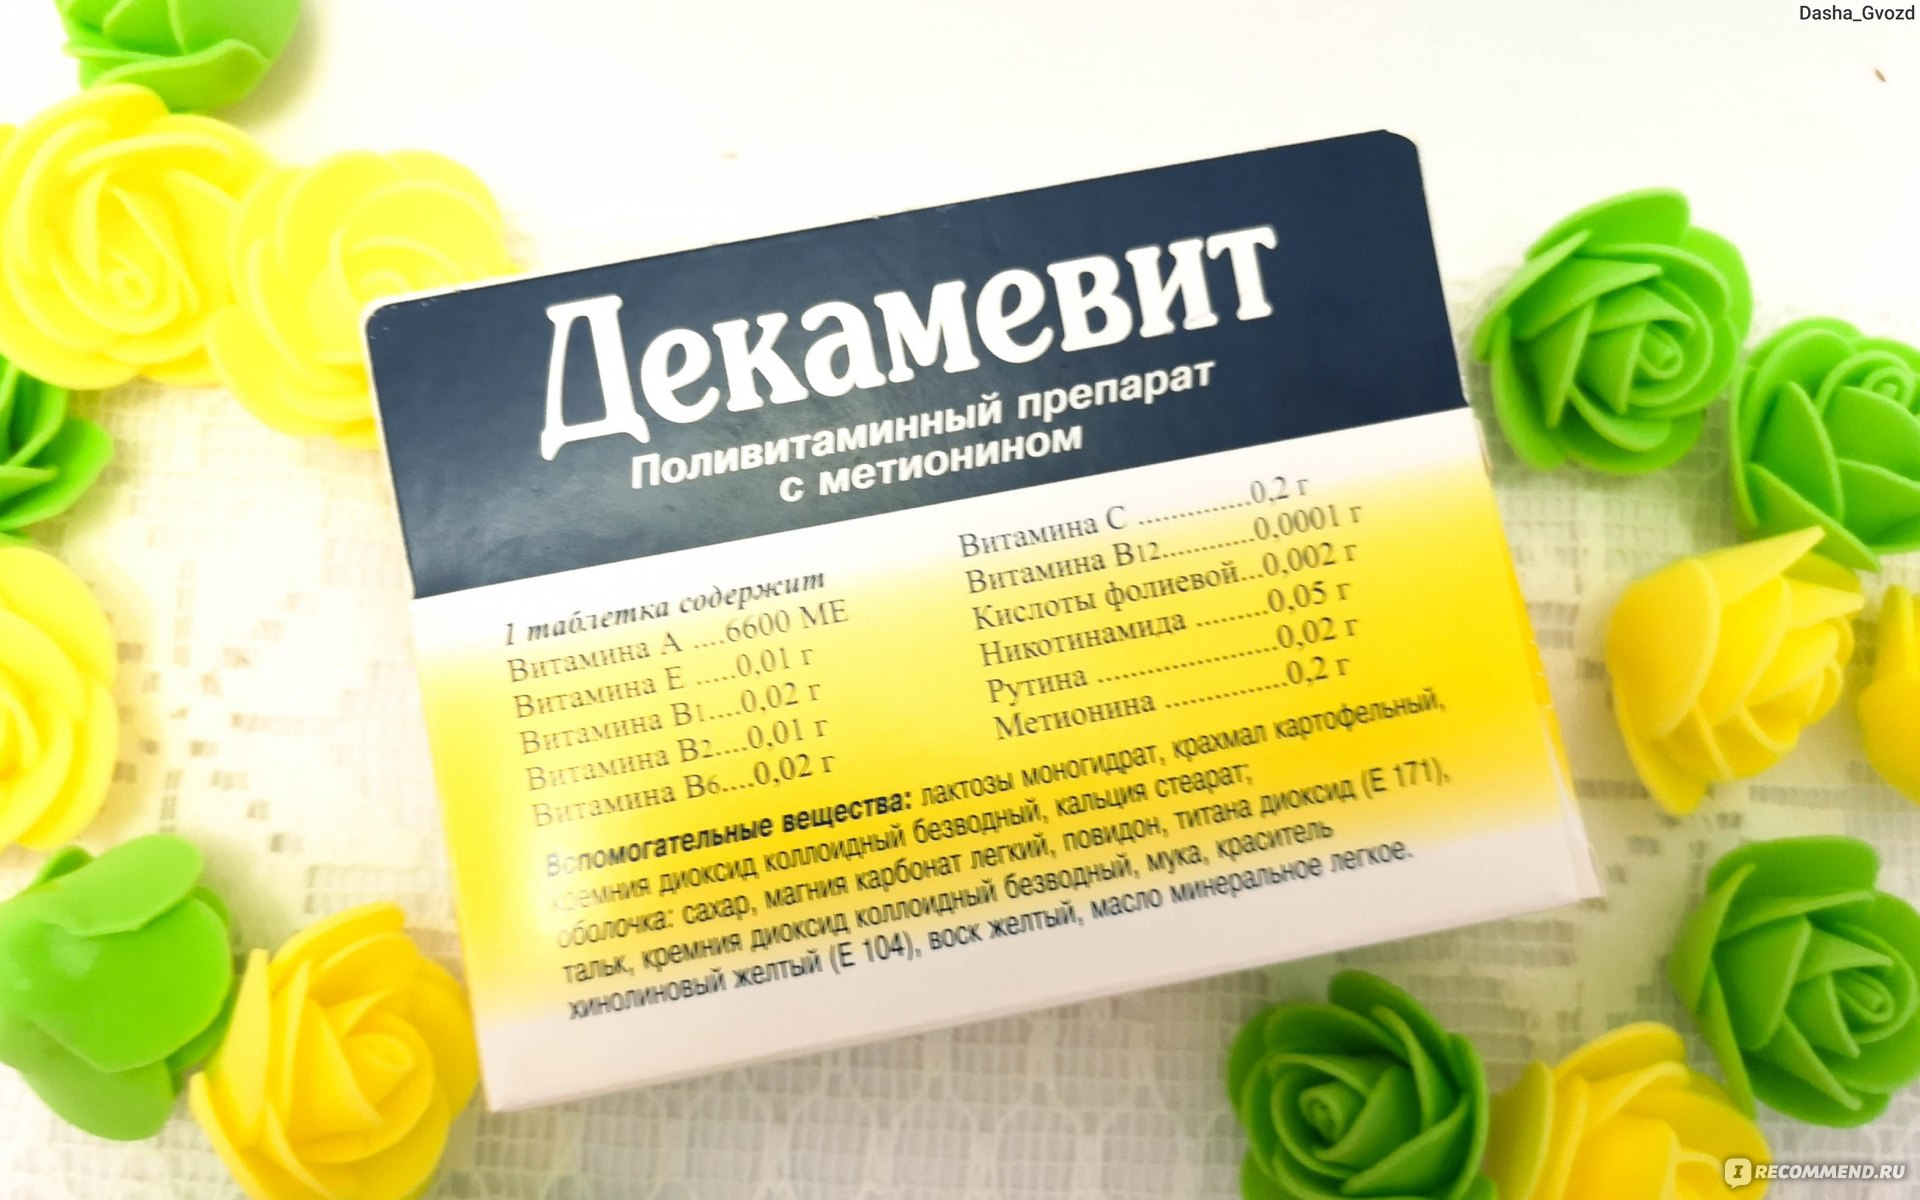 Витамины для улучшения иммуного фона организма - декамевит